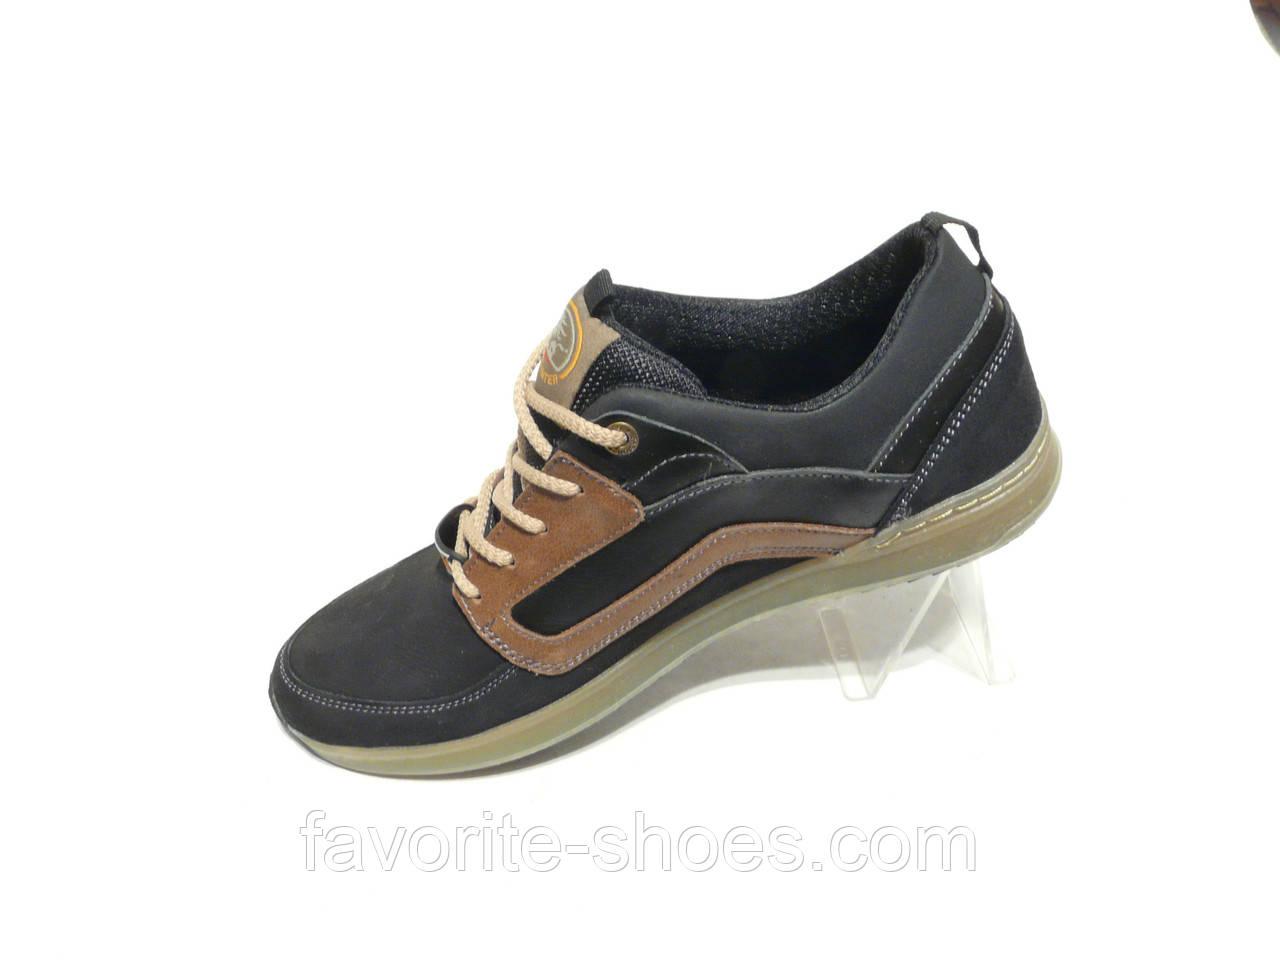 763f5f2eb Кожаные мужские кроссовки Splinter стиль Adidas ч кор: продажа, цена ...